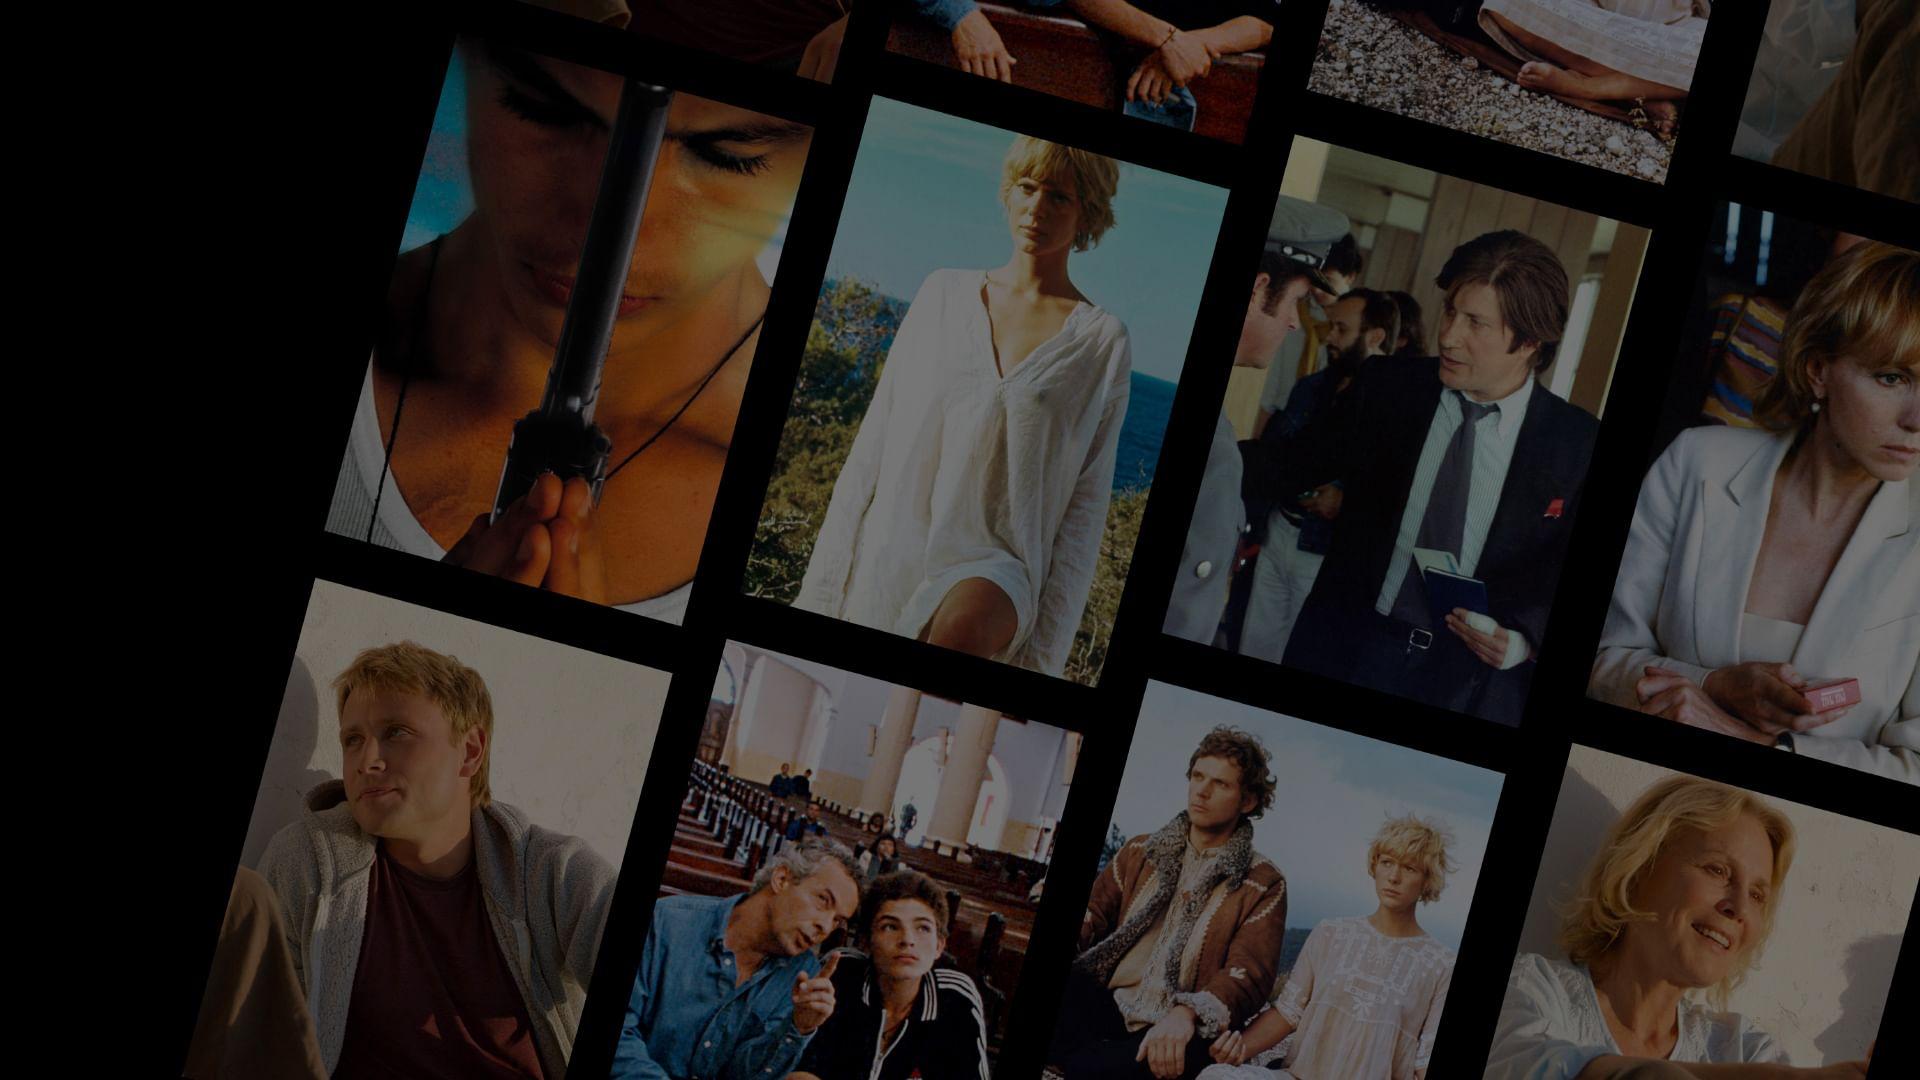 Die Filme von Barbet Schroeder